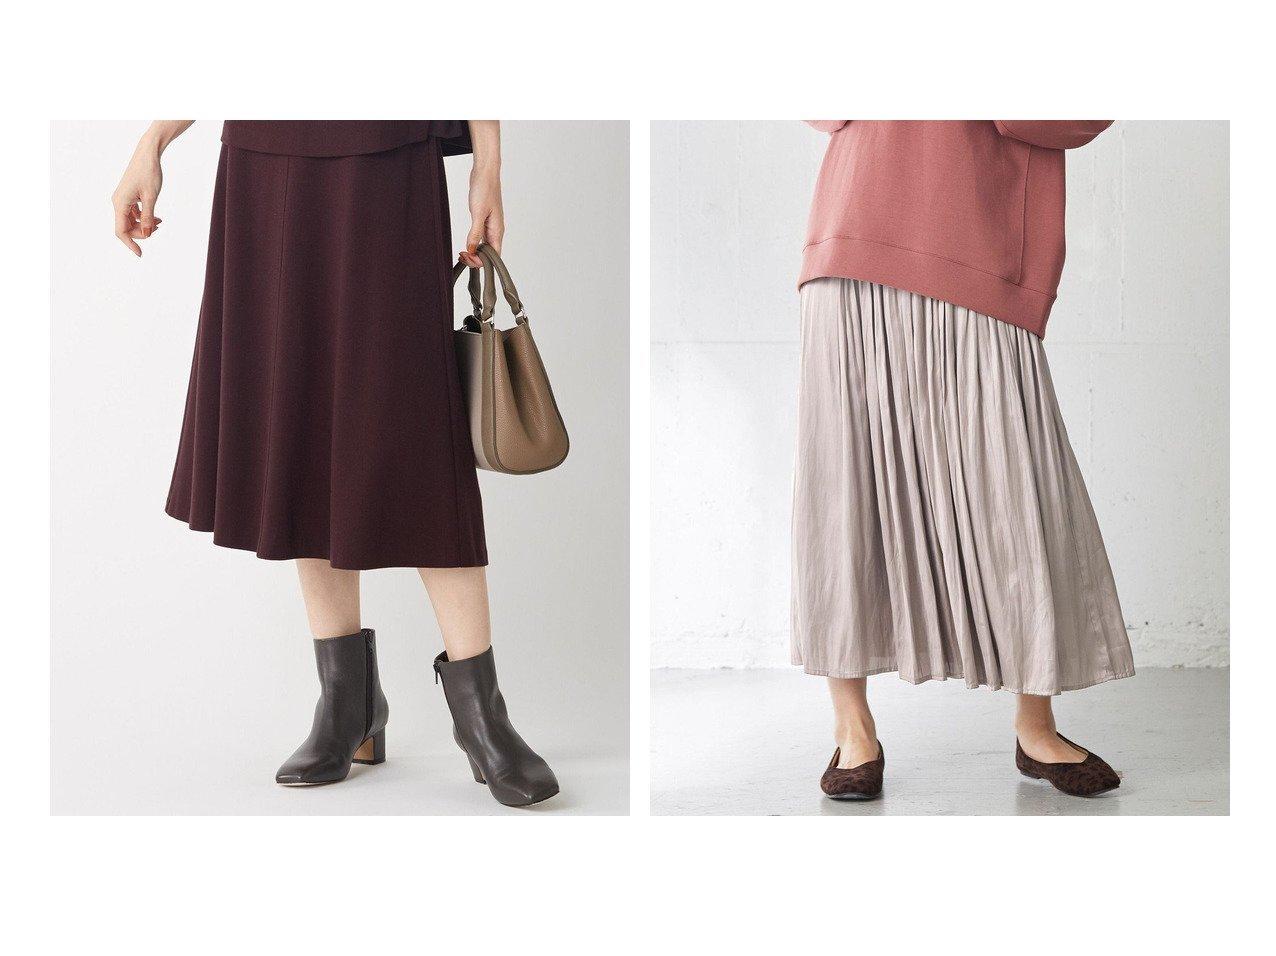 【any FAM/エニィファム】の【ウエストゴム】グロッシーギャザー スカート&【J.PRESS/ジェイ プレス】の【洗える】セルロースリバー スカート 【スカート】おすすめ!人気、トレンド・レディースファッションの通販 おすすめで人気の流行・トレンド、ファッションの通販商品 インテリア・家具・メンズファッション・キッズファッション・レディースファッション・服の通販 founy(ファニー) https://founy.com/ ファッション Fashion レディースファッション WOMEN スカート Skirt 送料無料 Free Shipping ギャザー 定番 Standard おすすめ Recommend フレア 洗える 秋 Autumn/Fall |ID:crp329100000070687